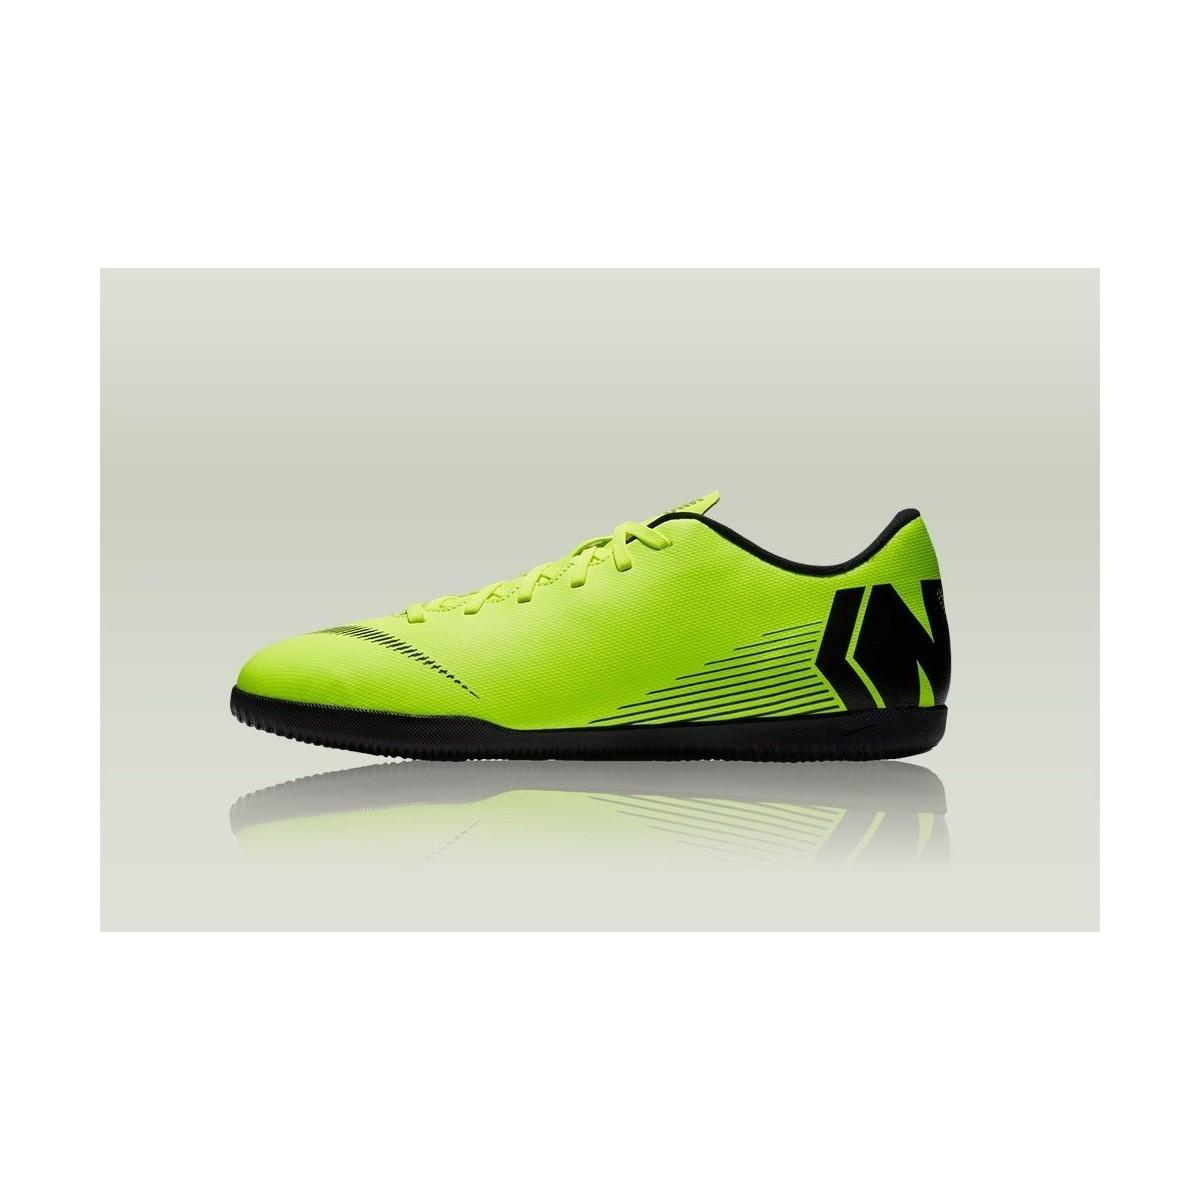 oferować rabaty 100% autentyczności Najnowsza Nike Vapor 12 Club Ic Men's Football Boots In Green in Green ...